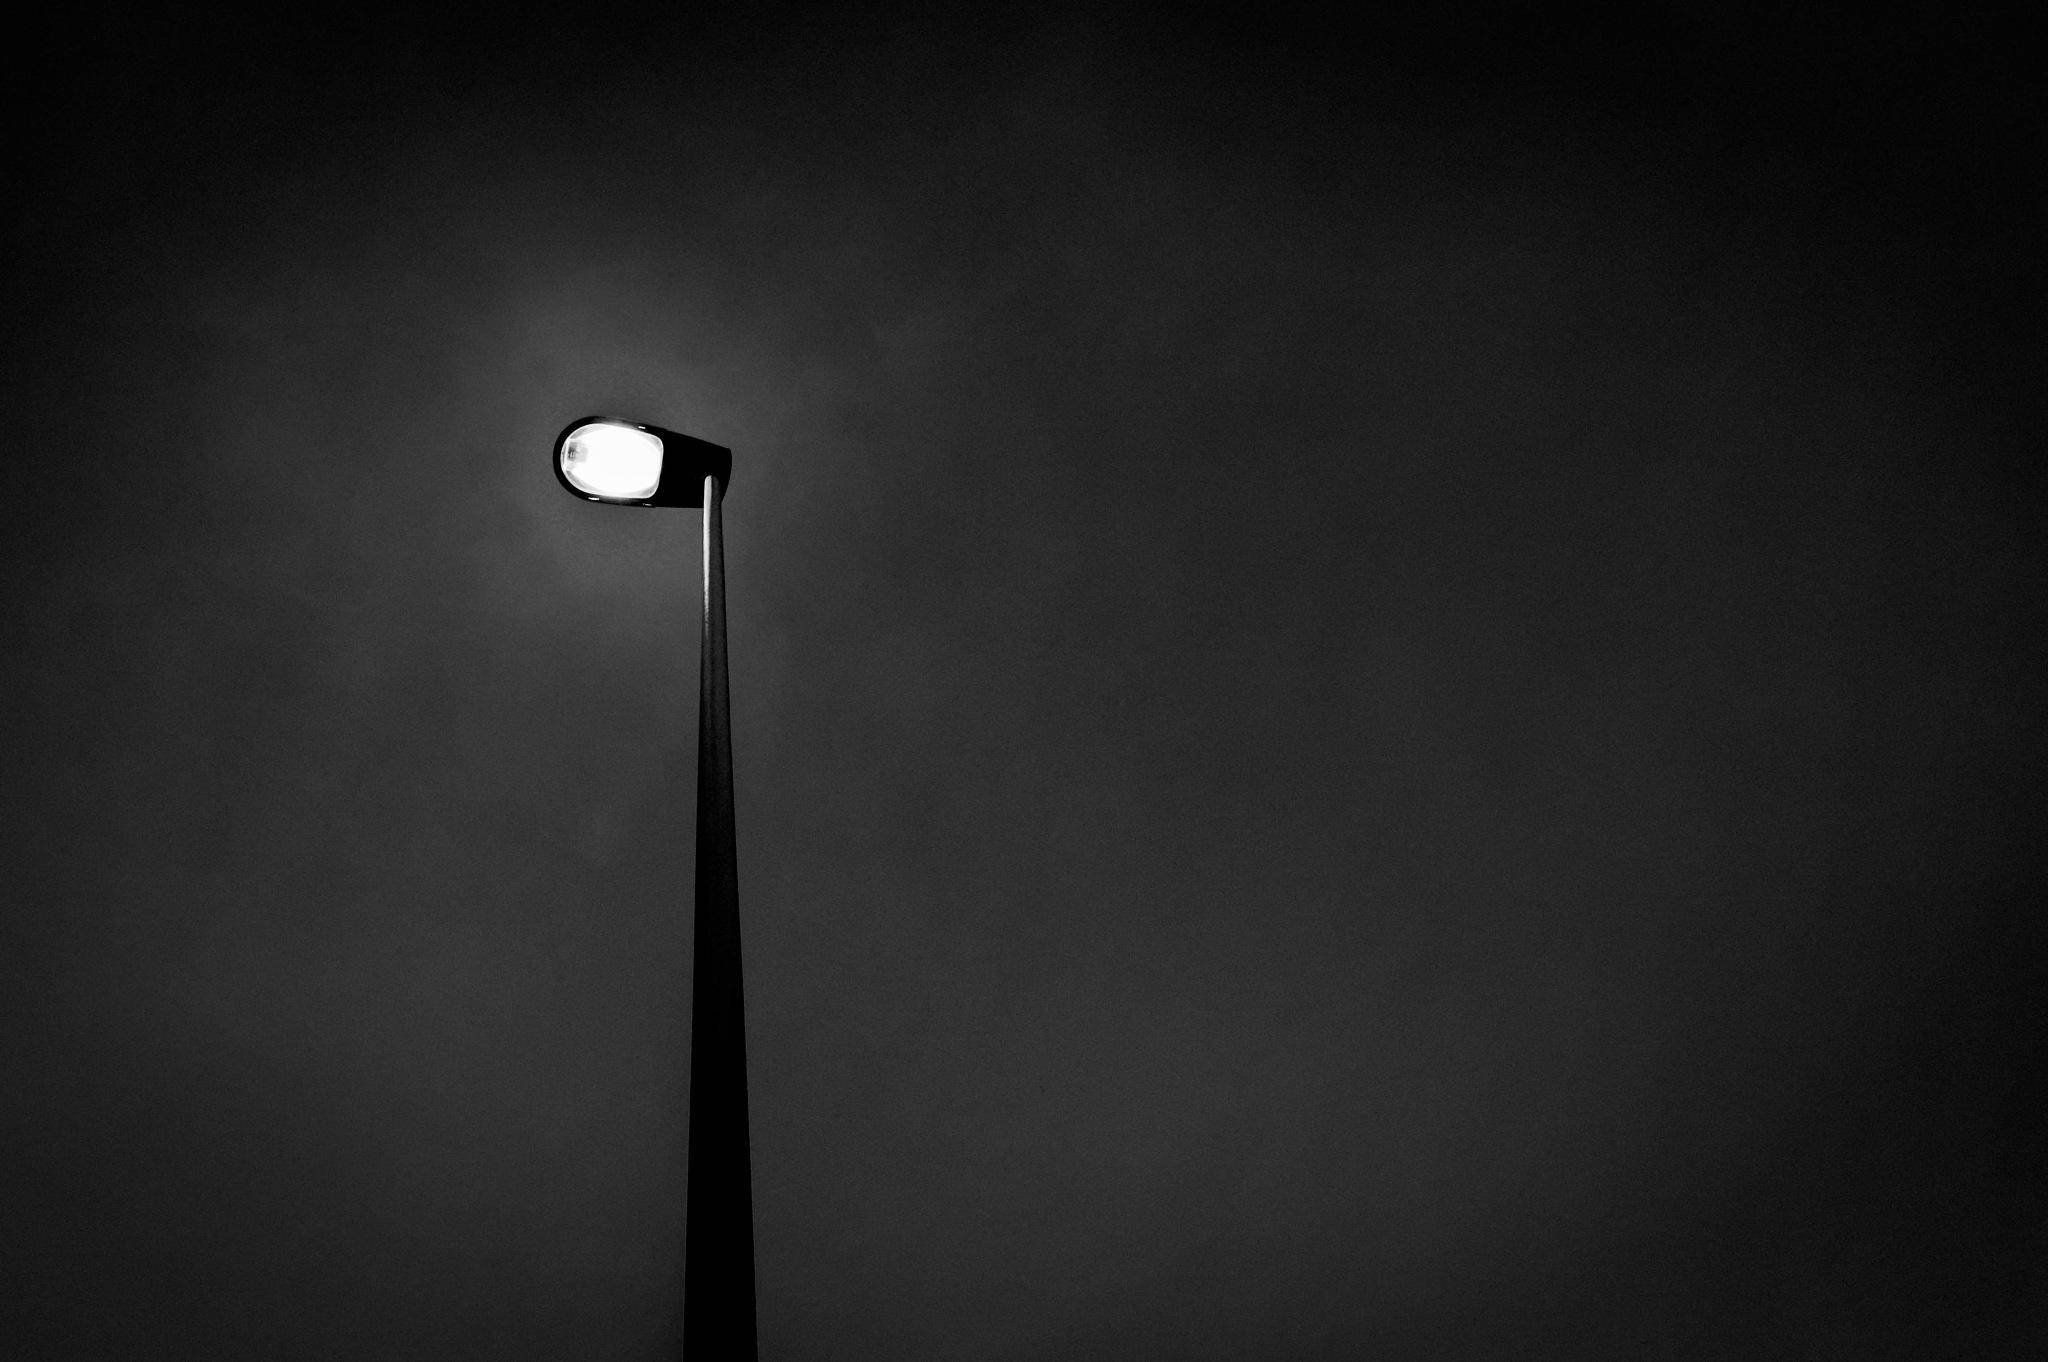 Street Lamp by Deeno